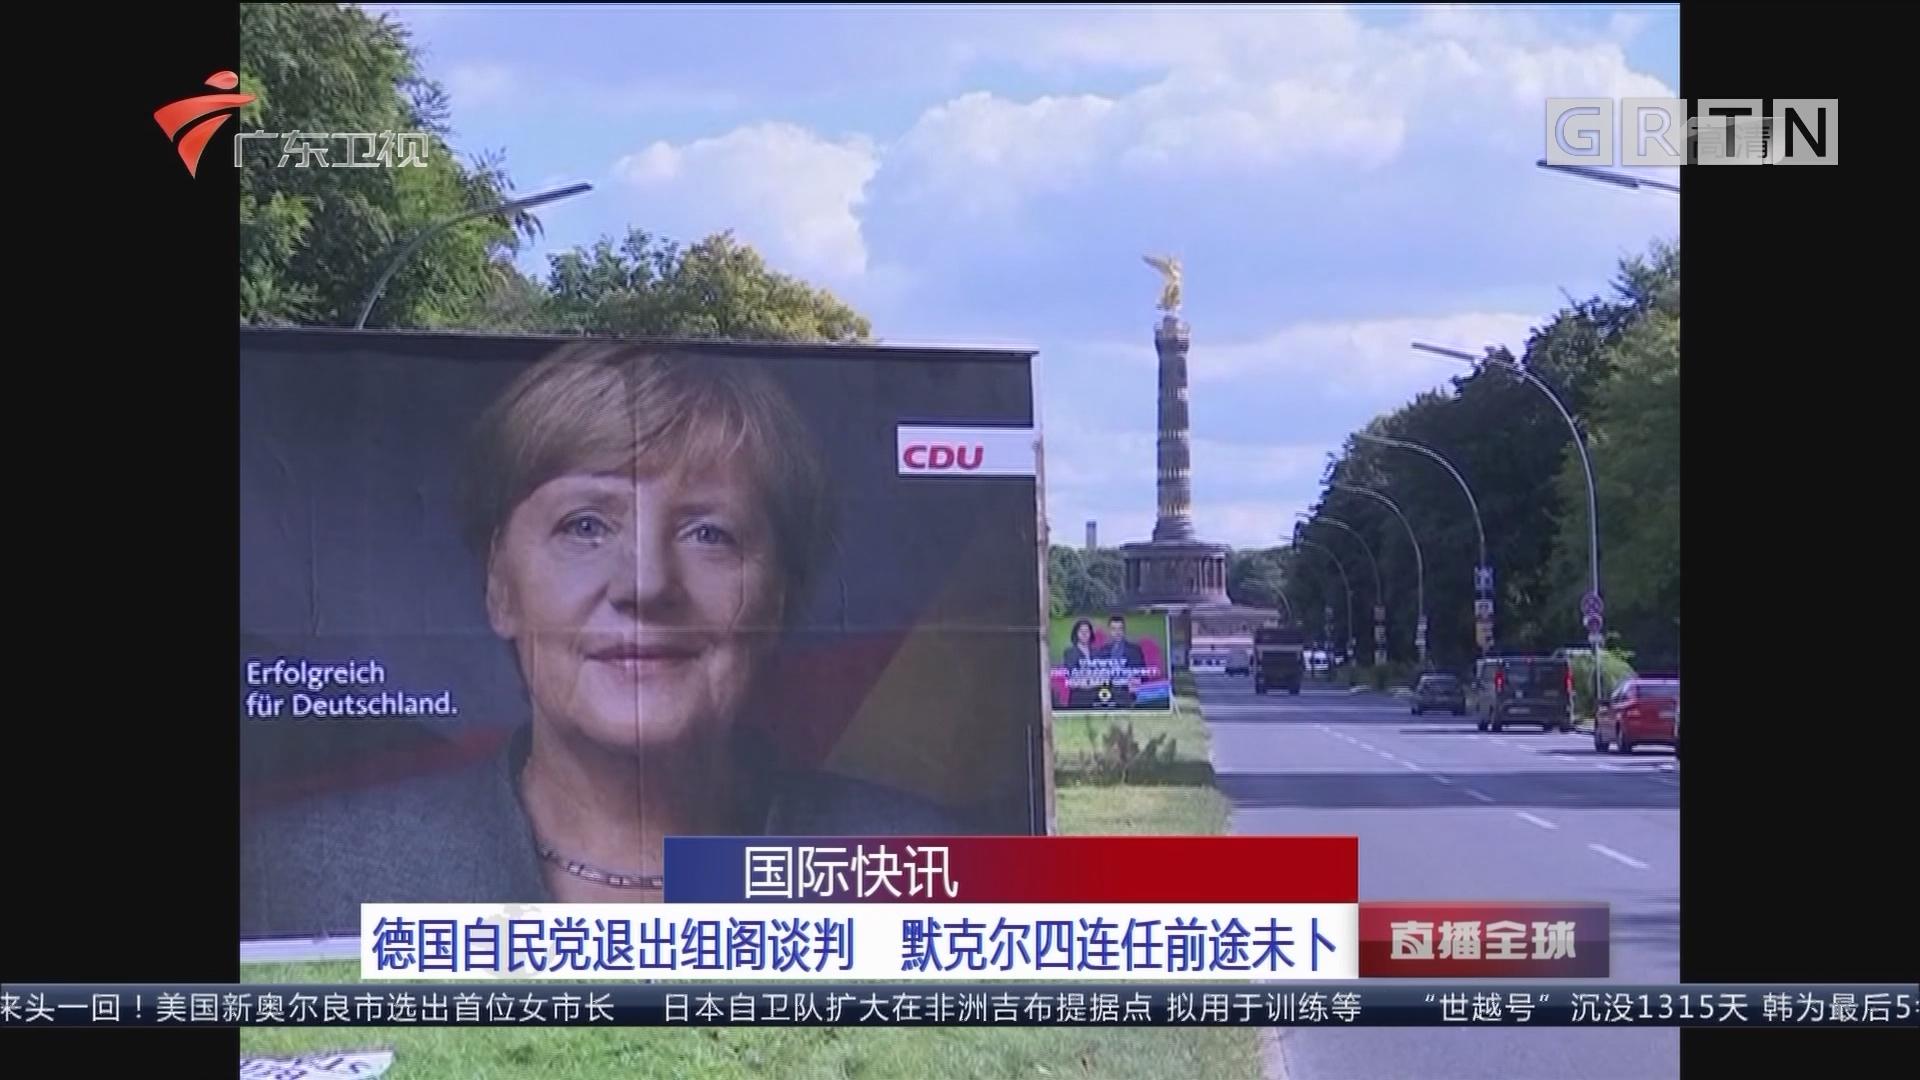 卫视直播_节目一览 广东卫视 直播全球